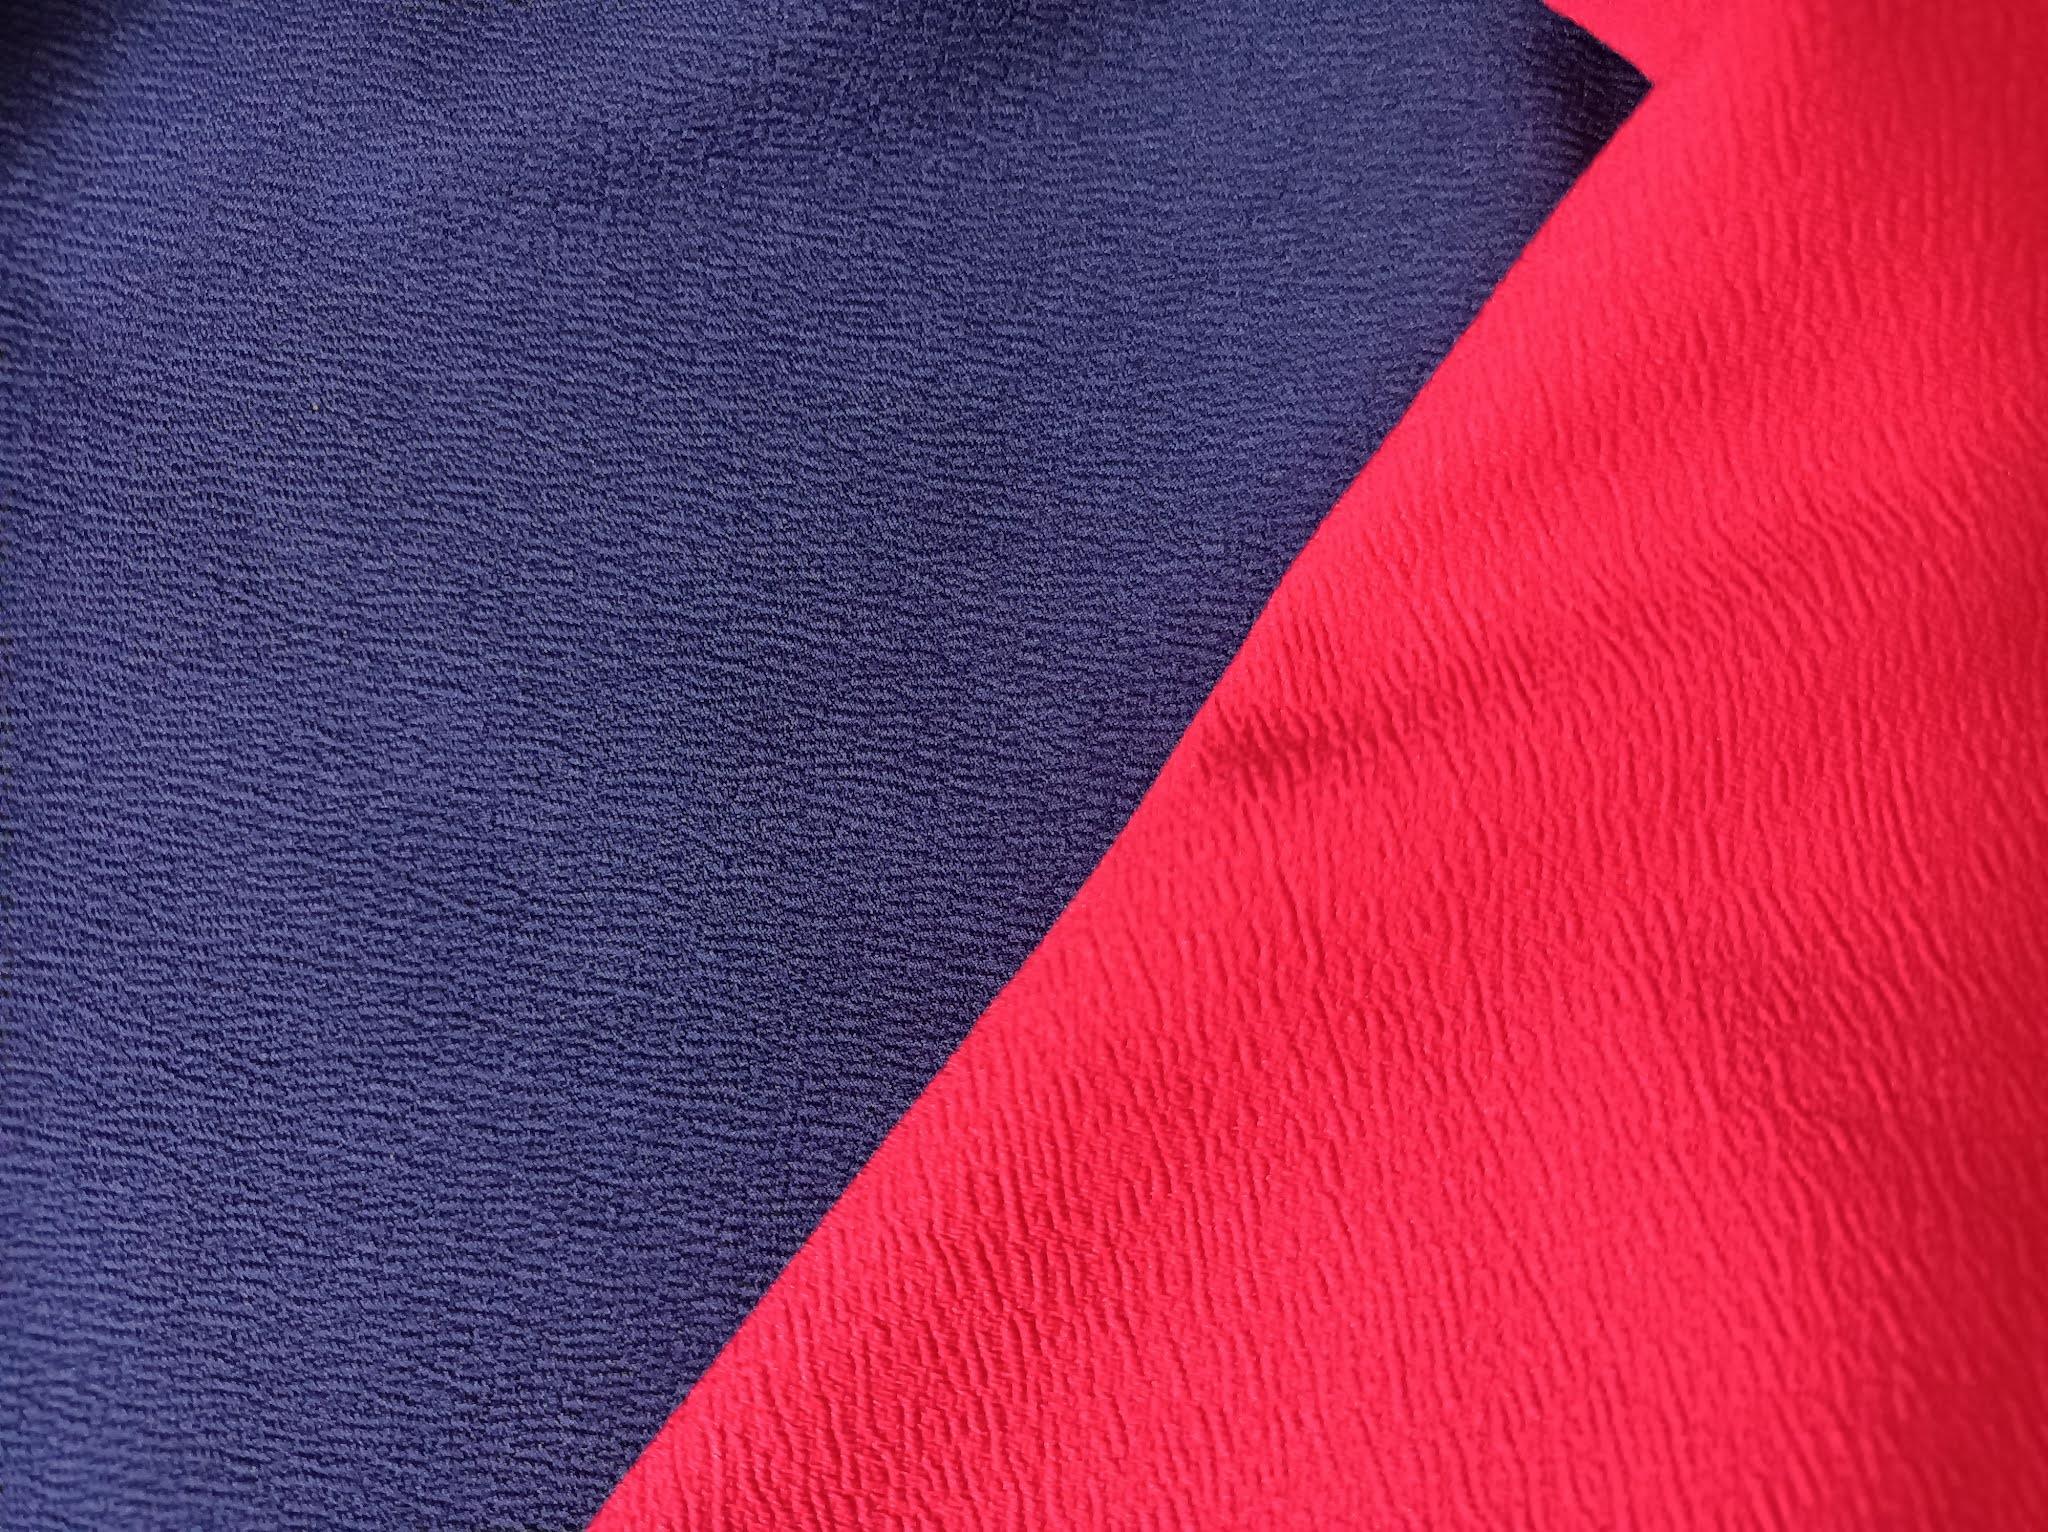 Colour block knit dress - Kwik Sew K4111 in John Kaldor Suzette